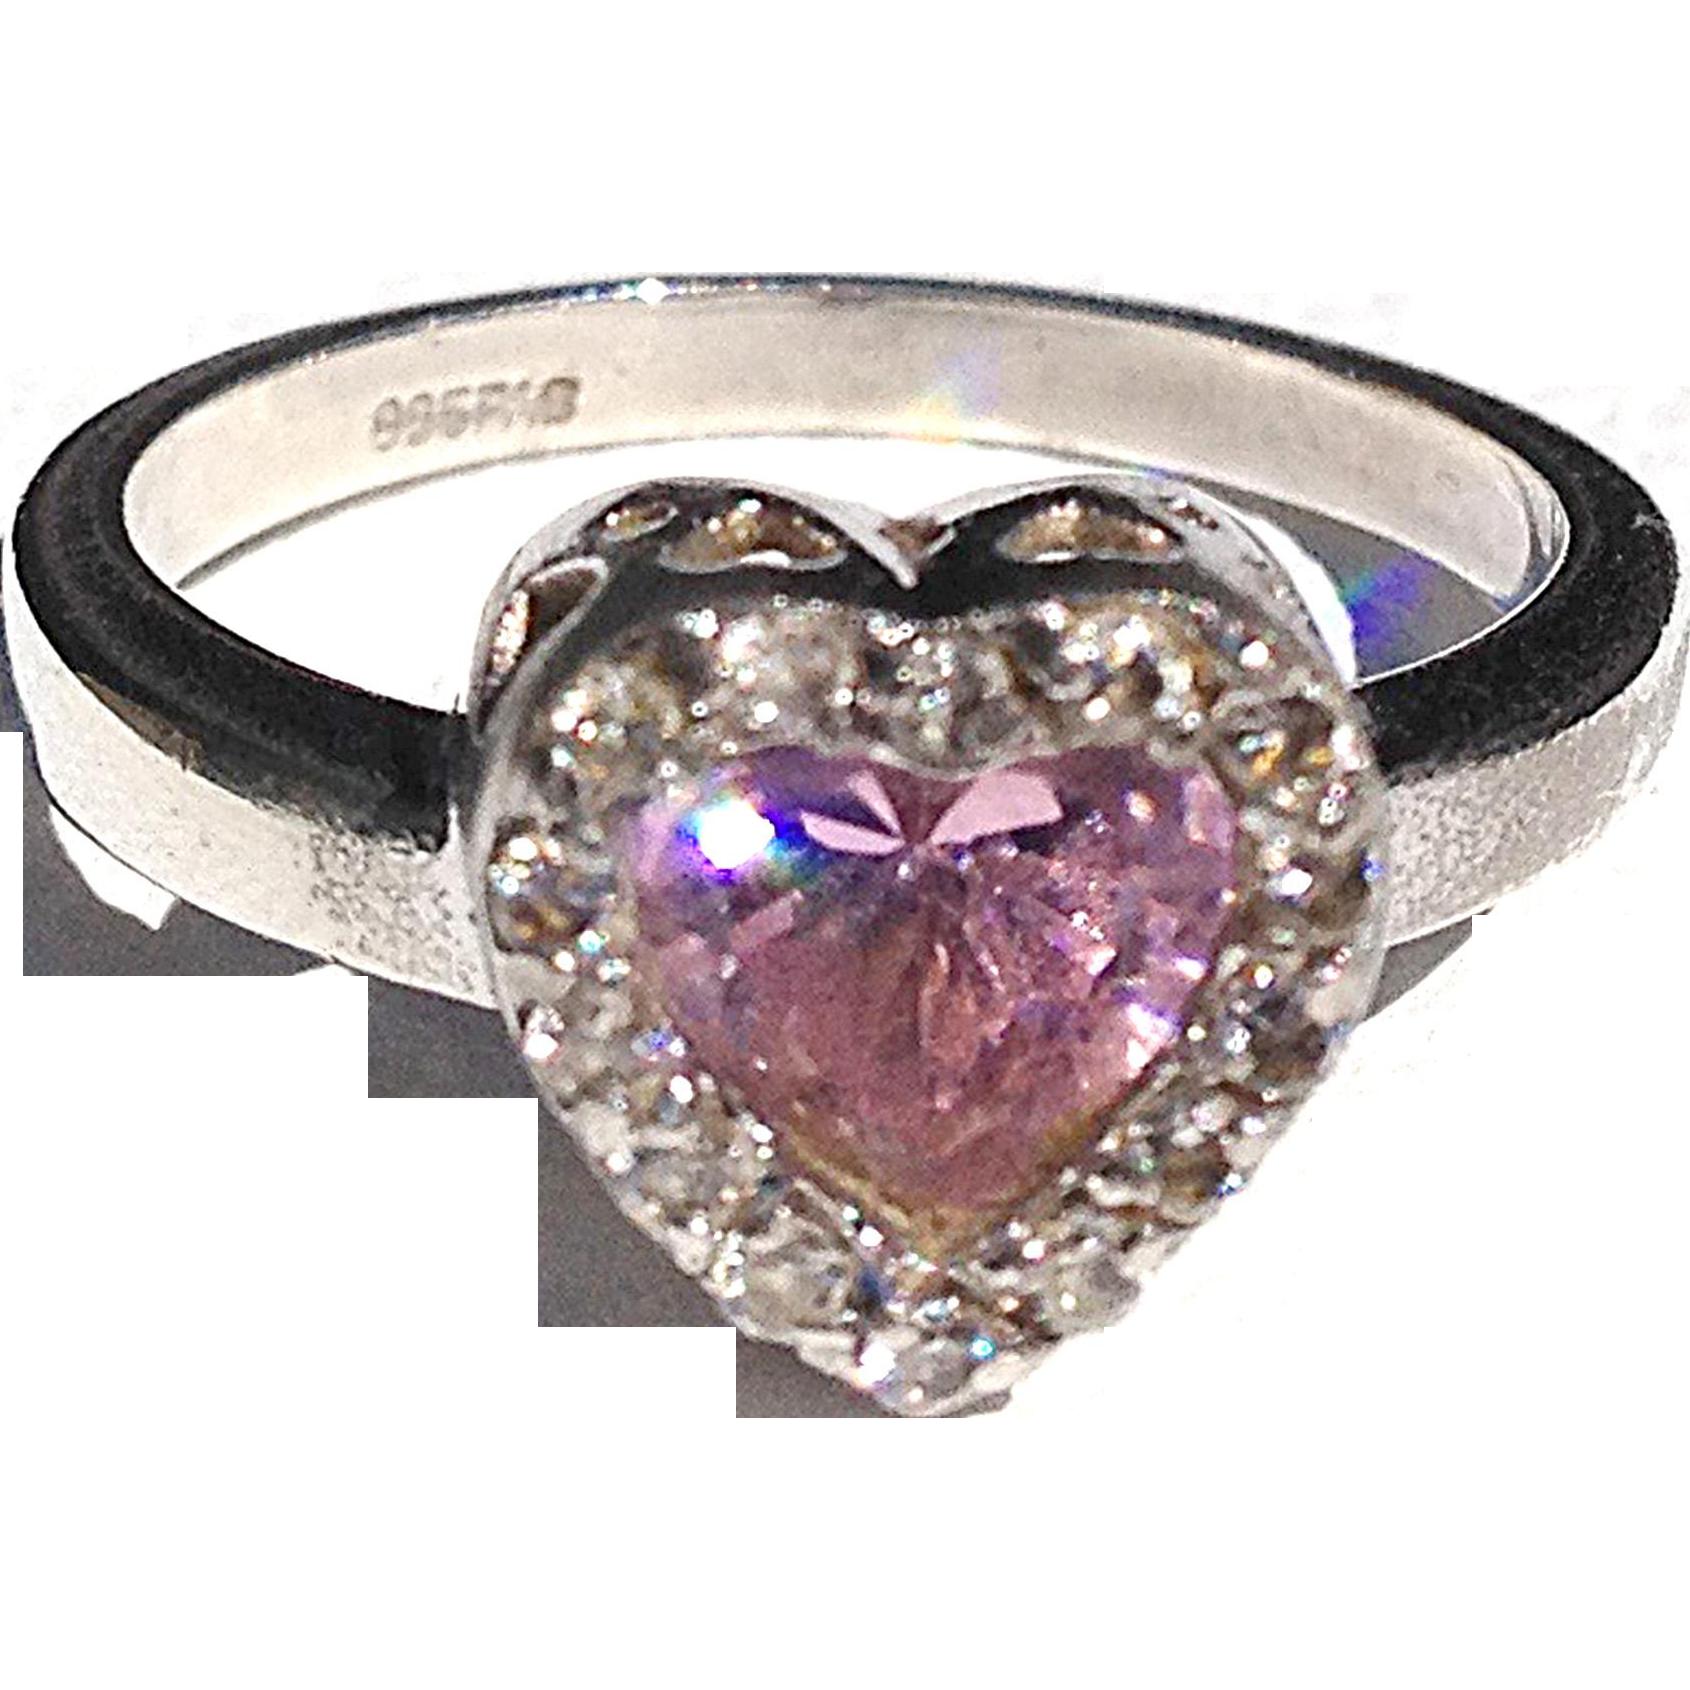 Fantastic Ring Heart For Women - Rrogo com